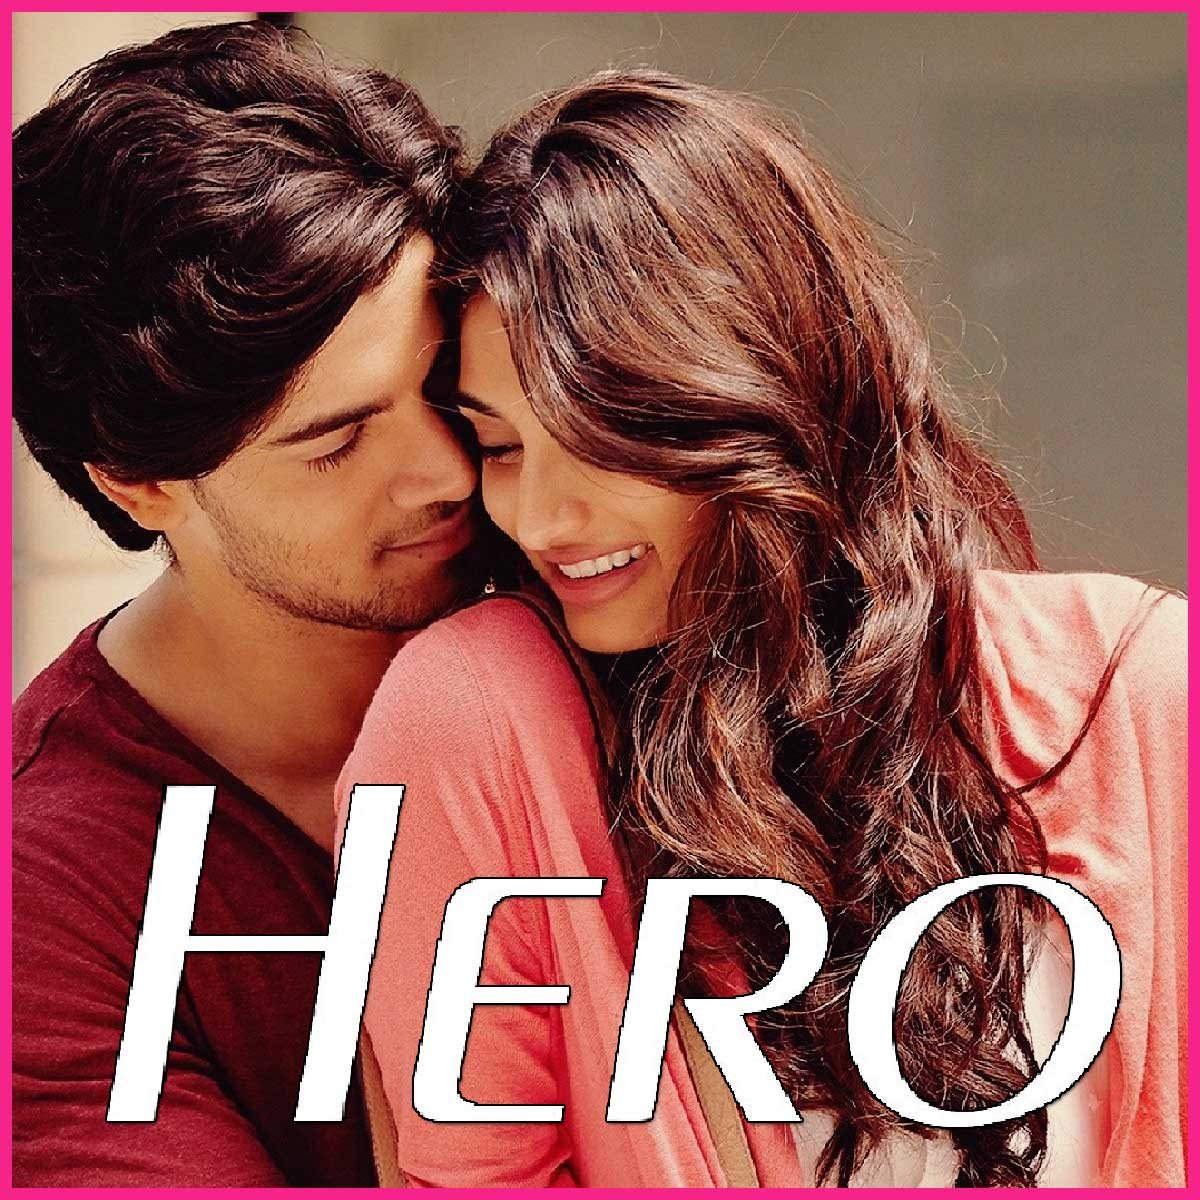 hero music mp3